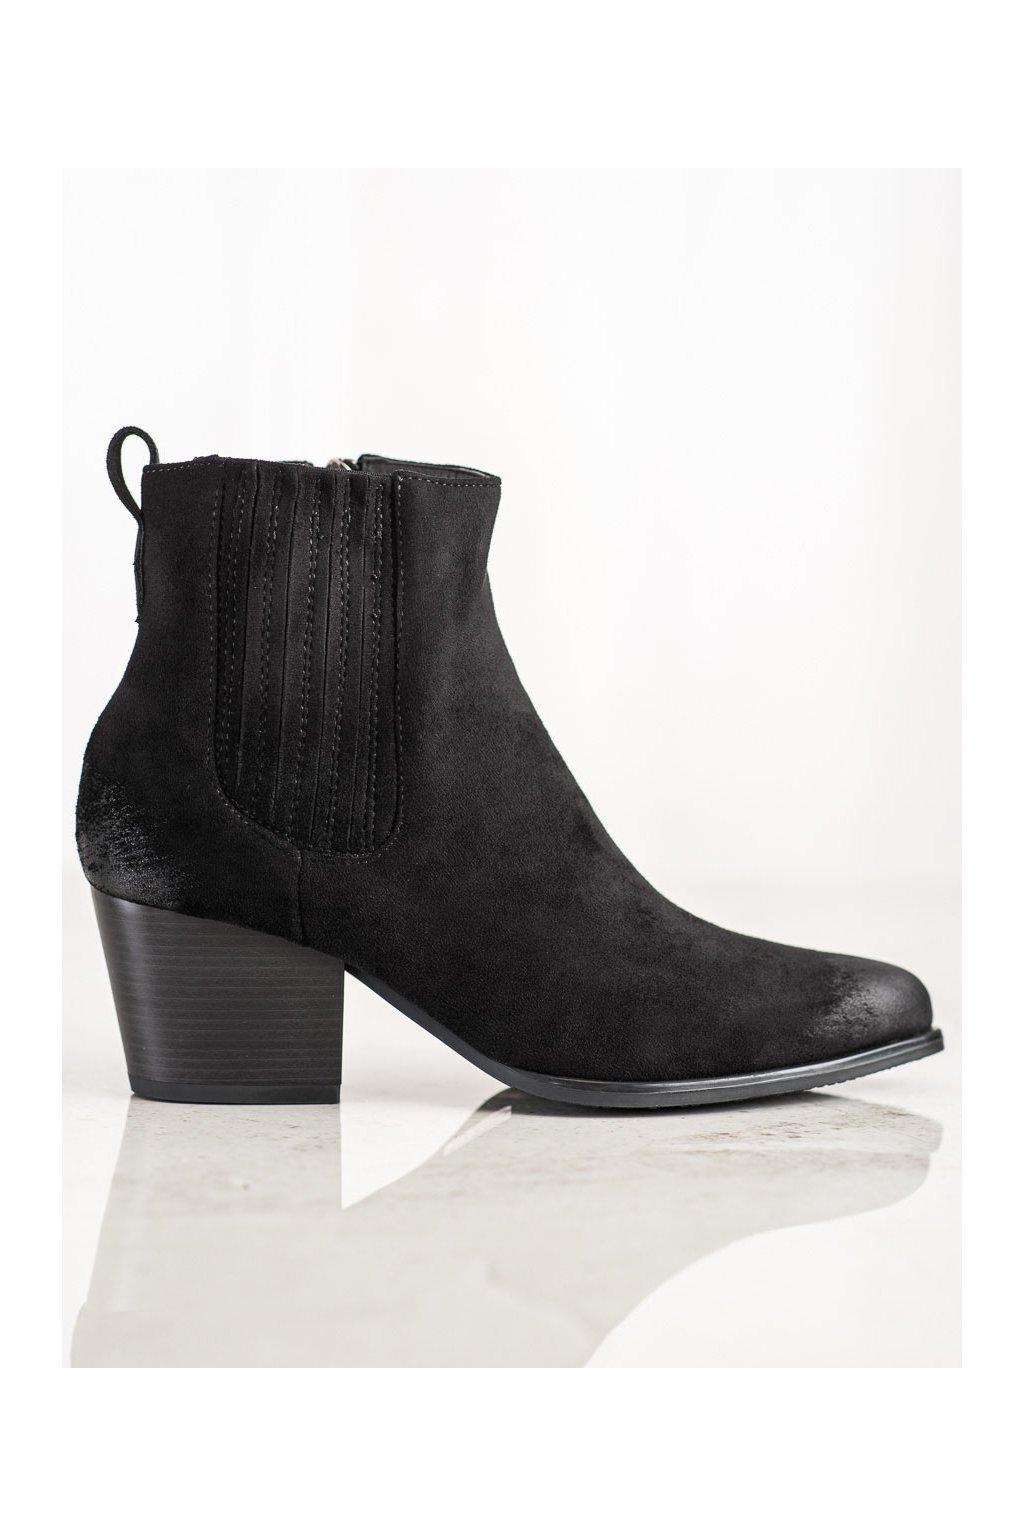 Čierne dámske topánky Vinceza kod XY22-10637B